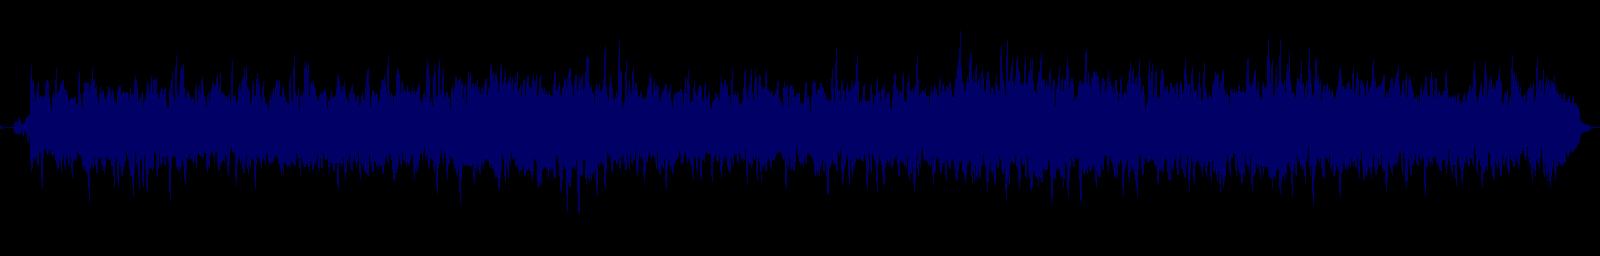 waveform of track #135892